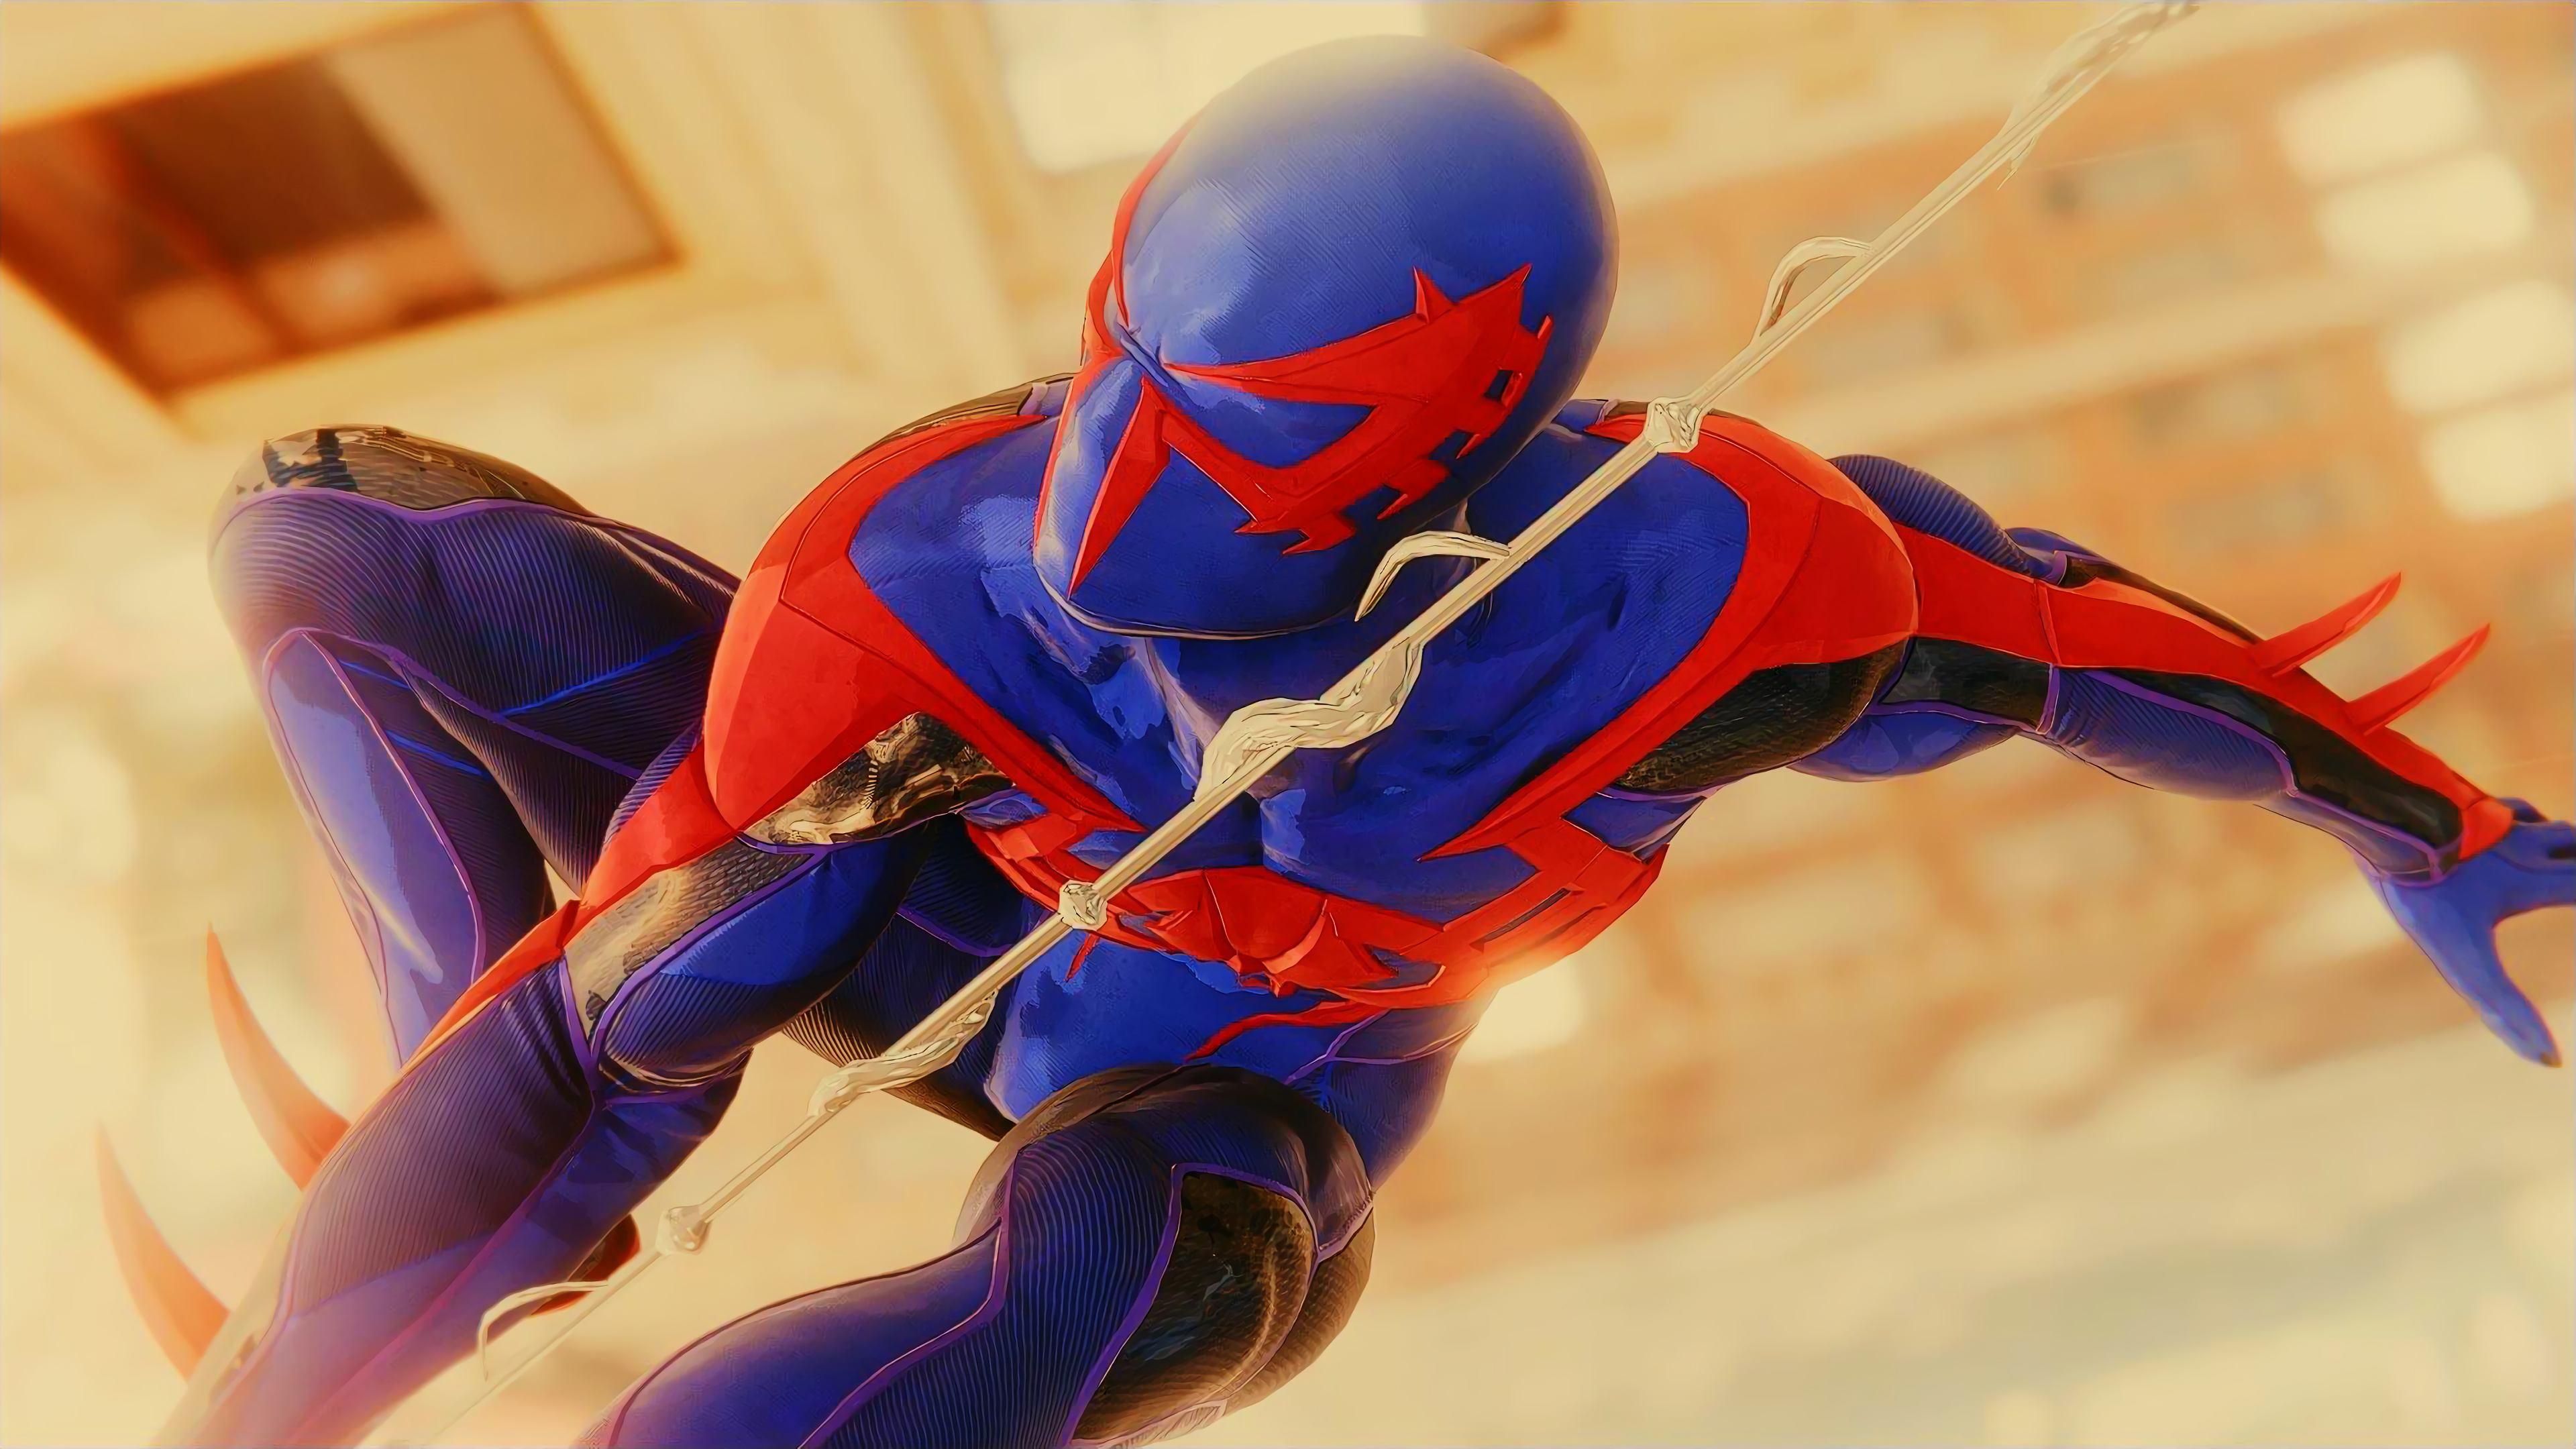 Spiderman 2099 4k Ps4, HD Superheroes, 4k Wallpapers ...